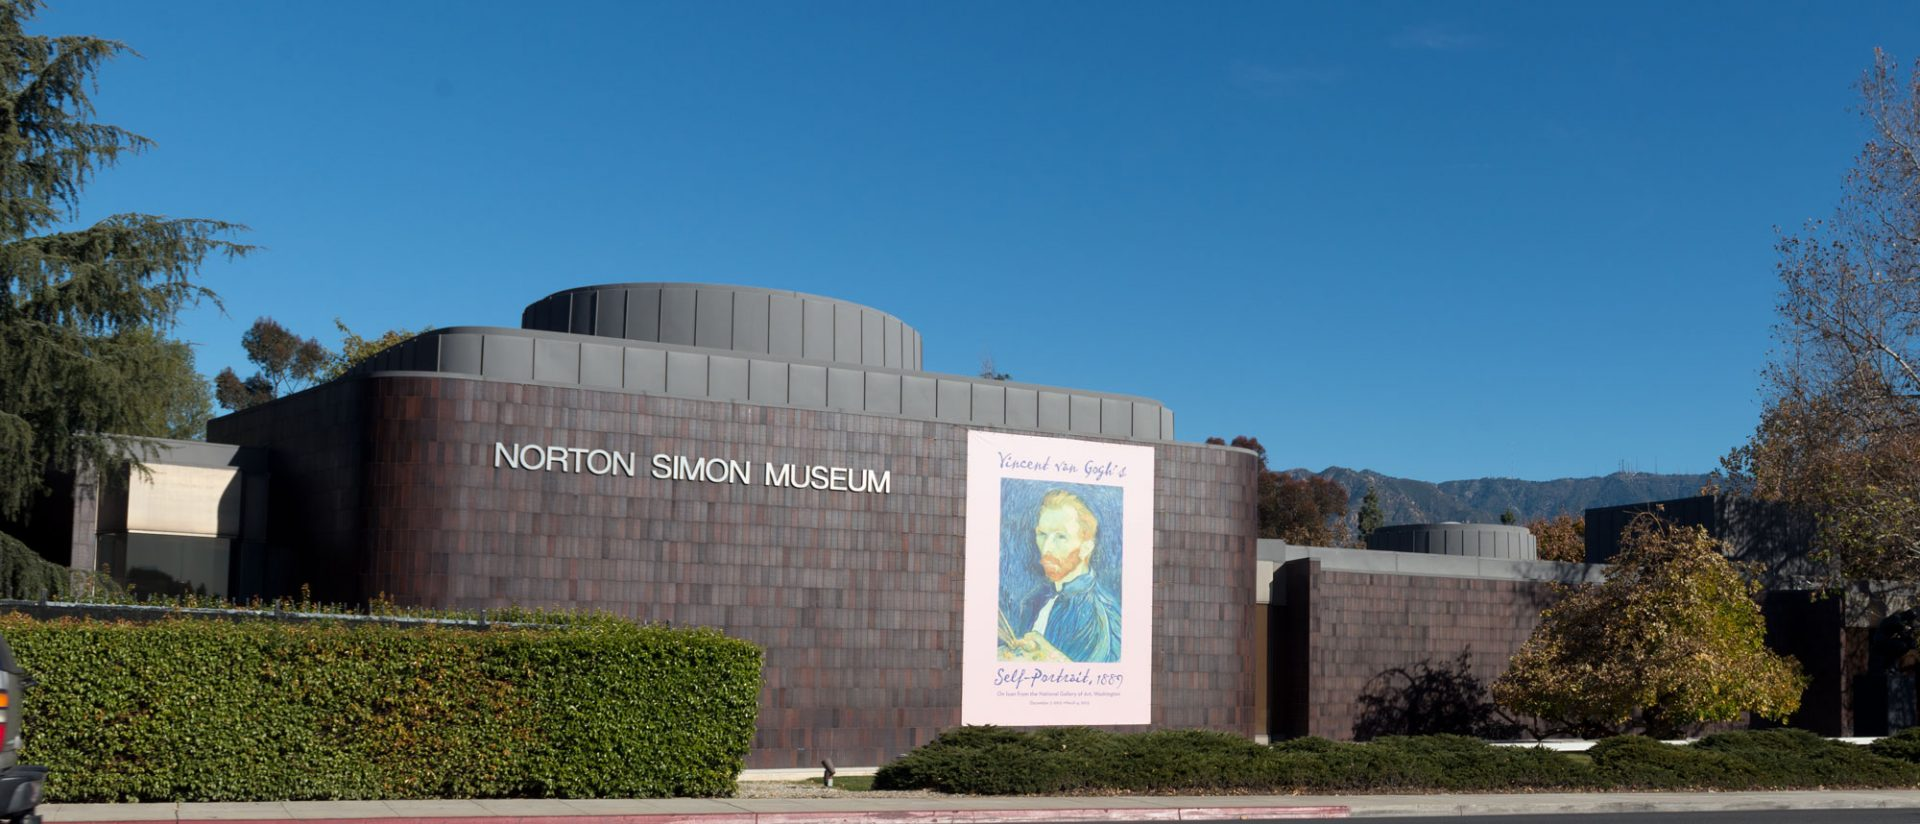 The Norton Simon Museum, Pasadena